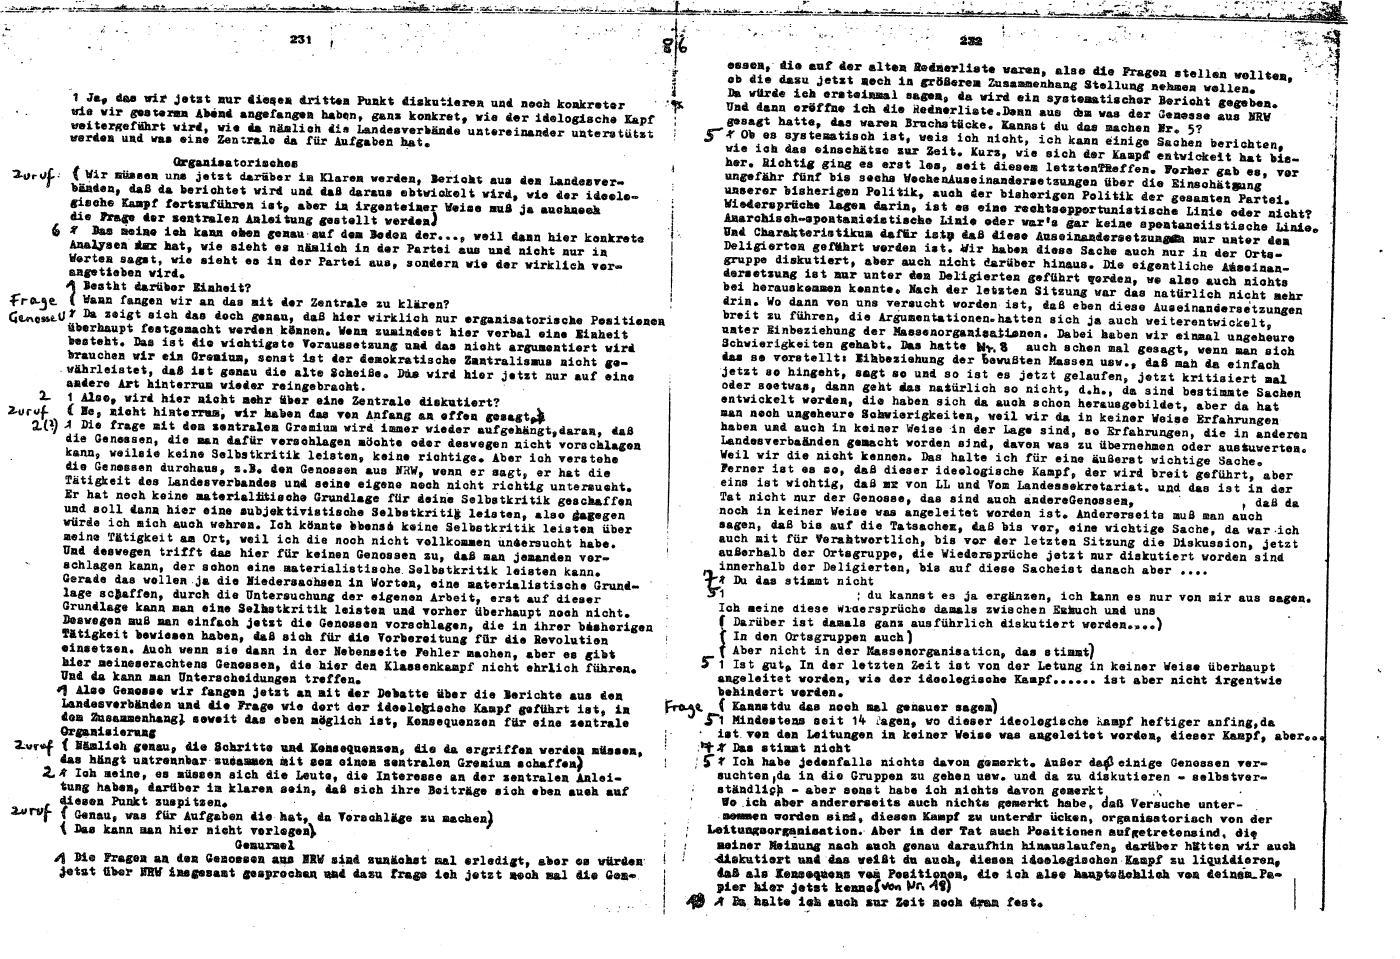 KPDML_1971_Wortprotokolle_aoPt_072